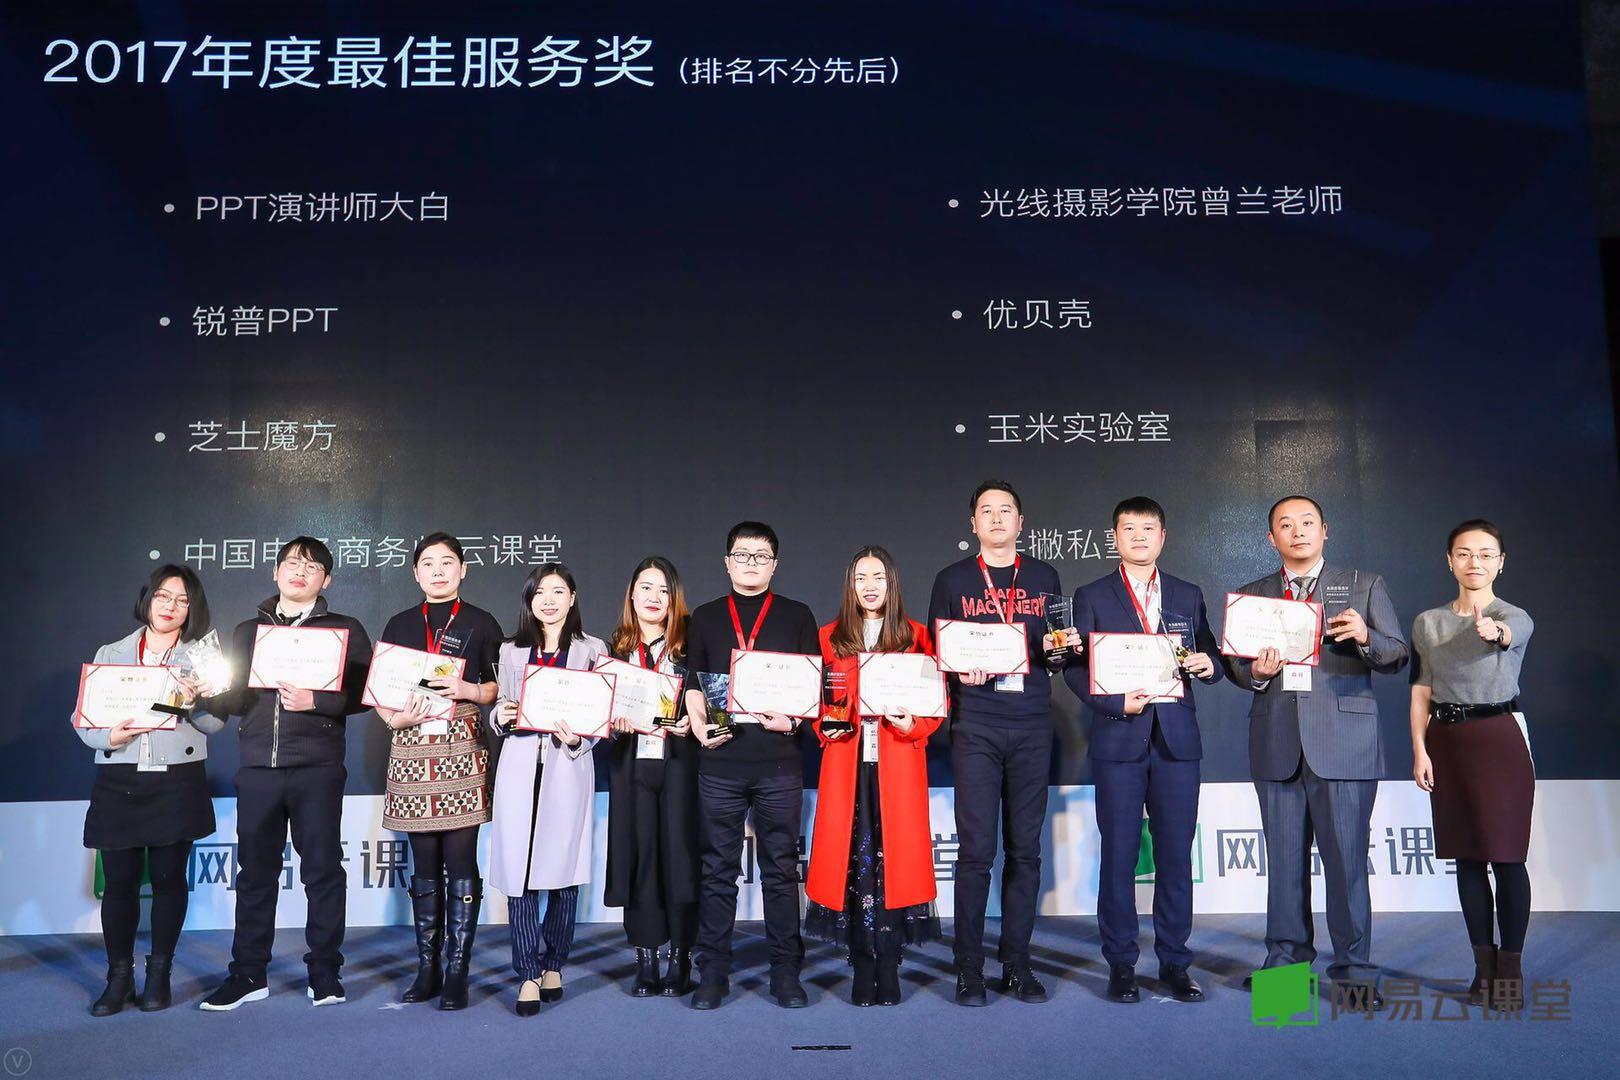 CDA荣获网易云课堂2017年度最佳服务奖